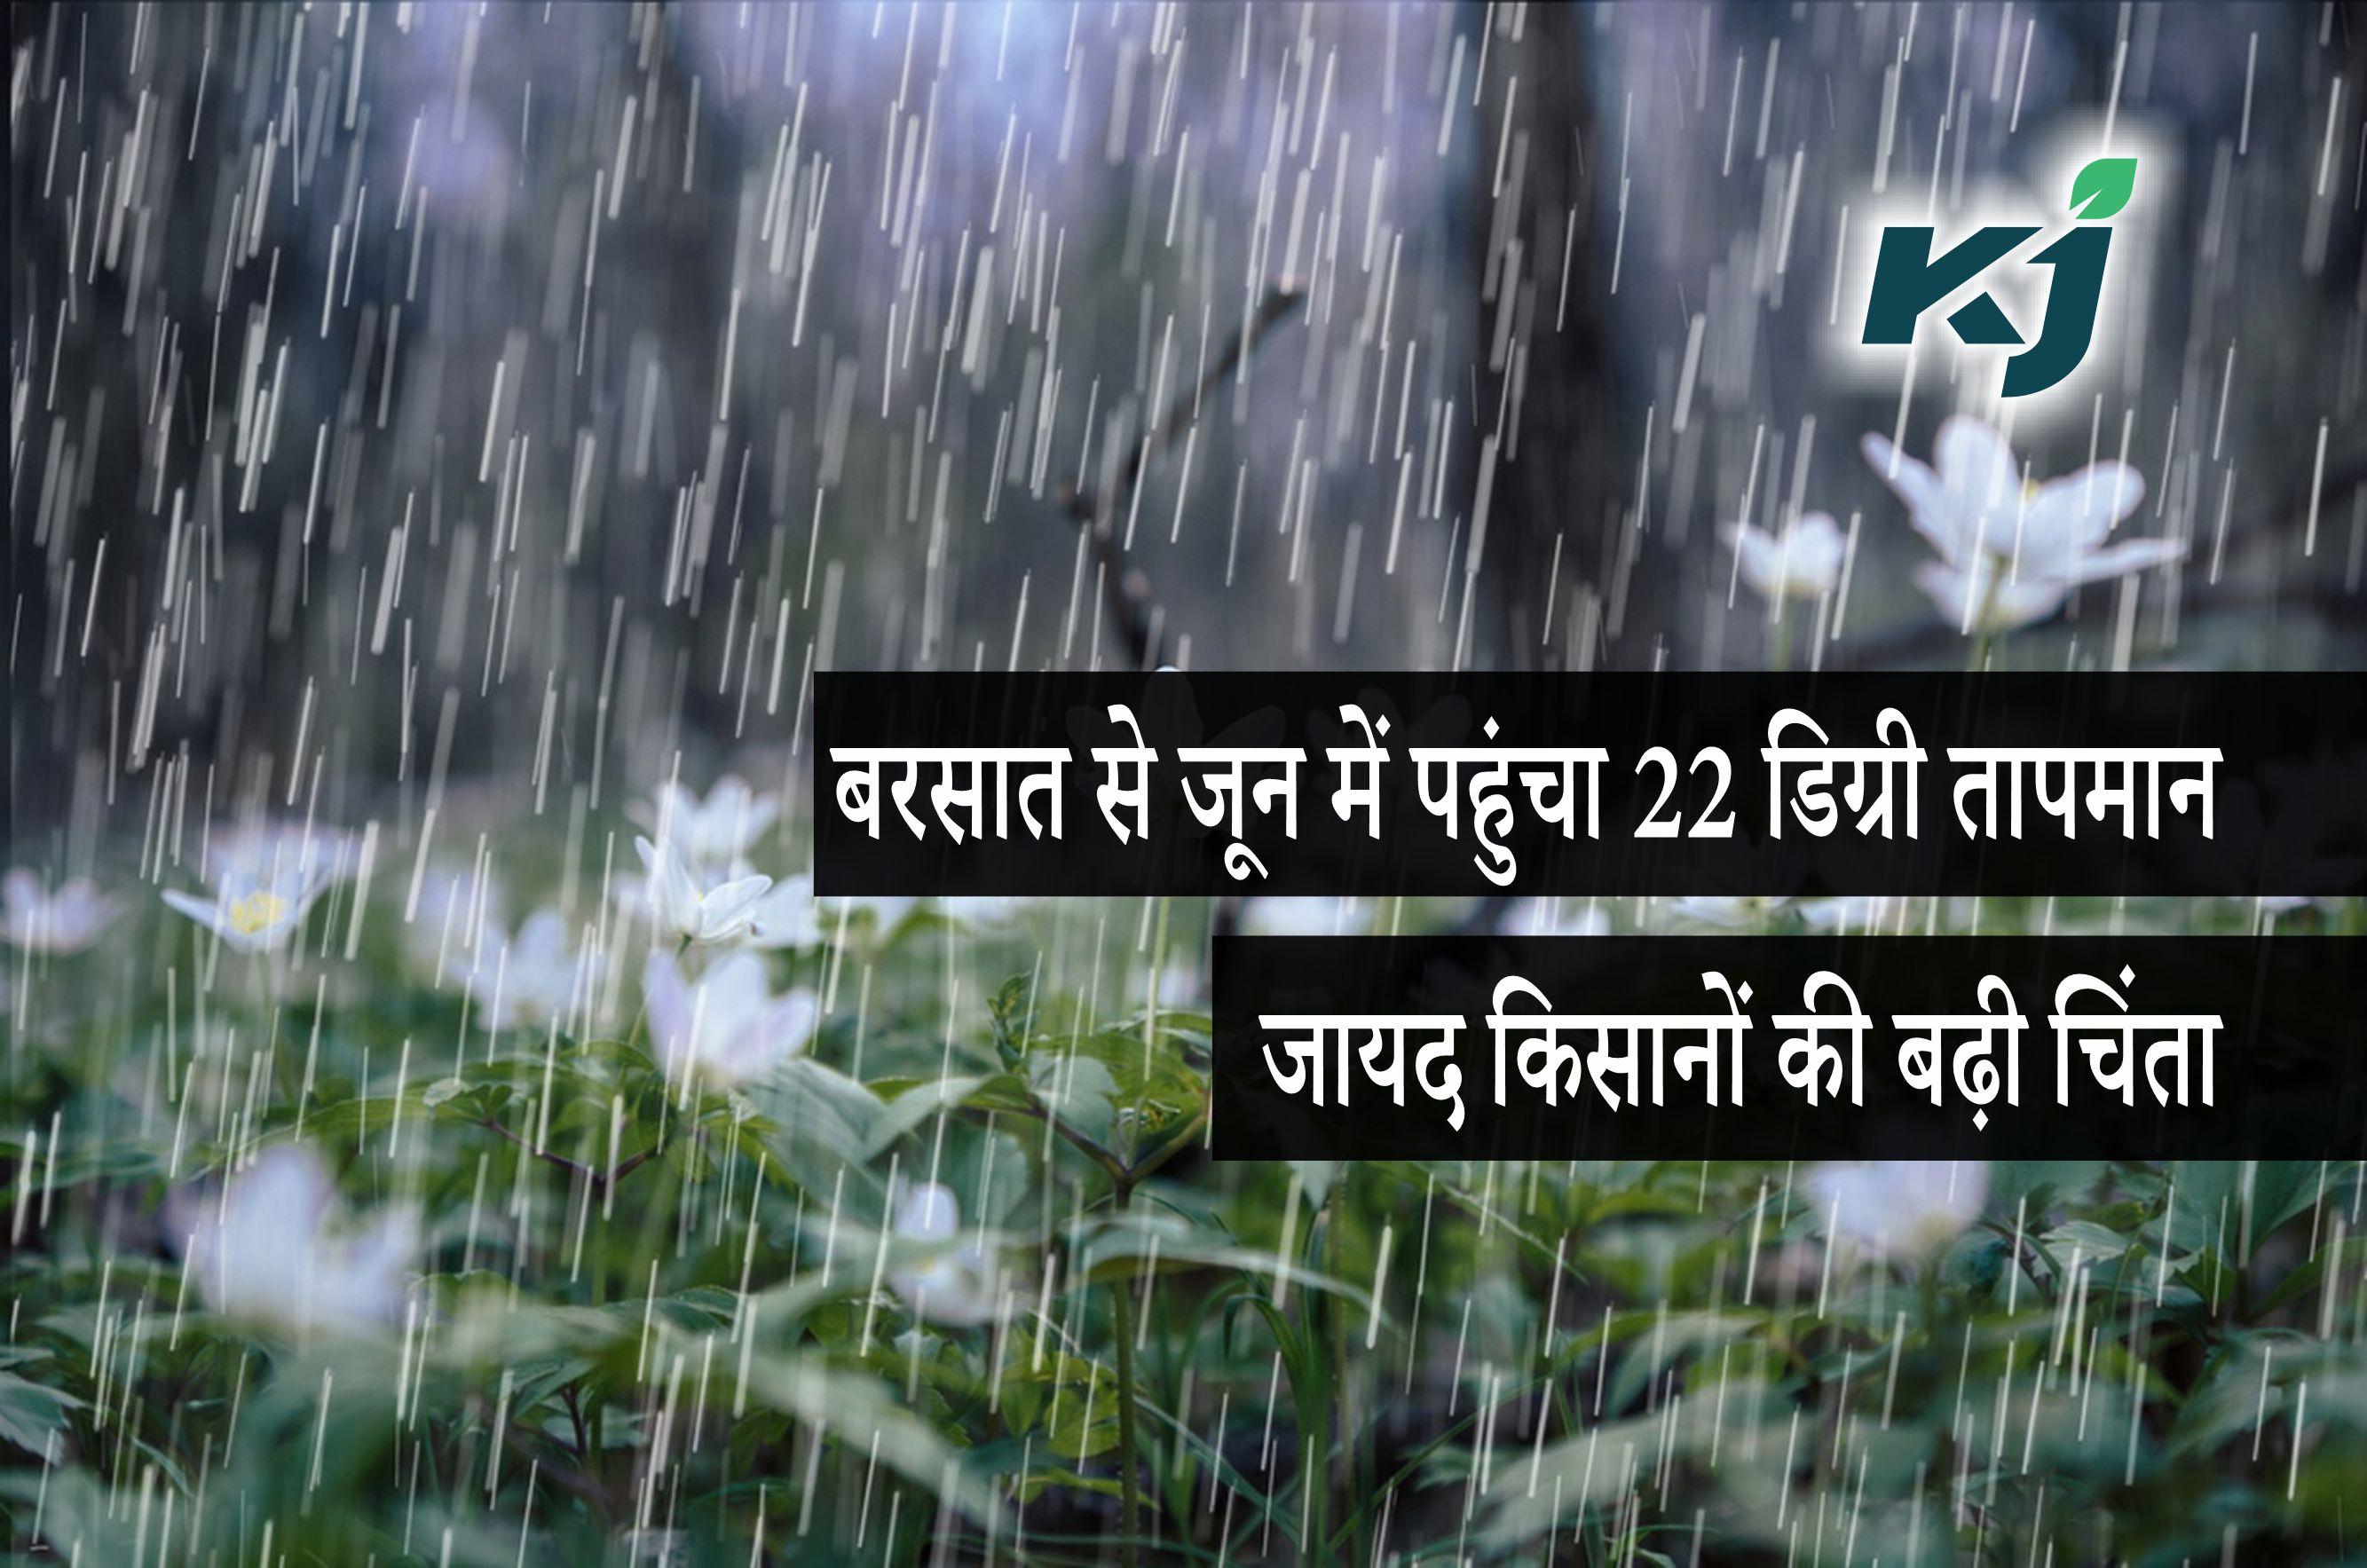 Climate Change: बेमौसम बरसात से जून में 22 डिग्री तक पहुंचा तापमान, जायद किसानों के उड़े होश